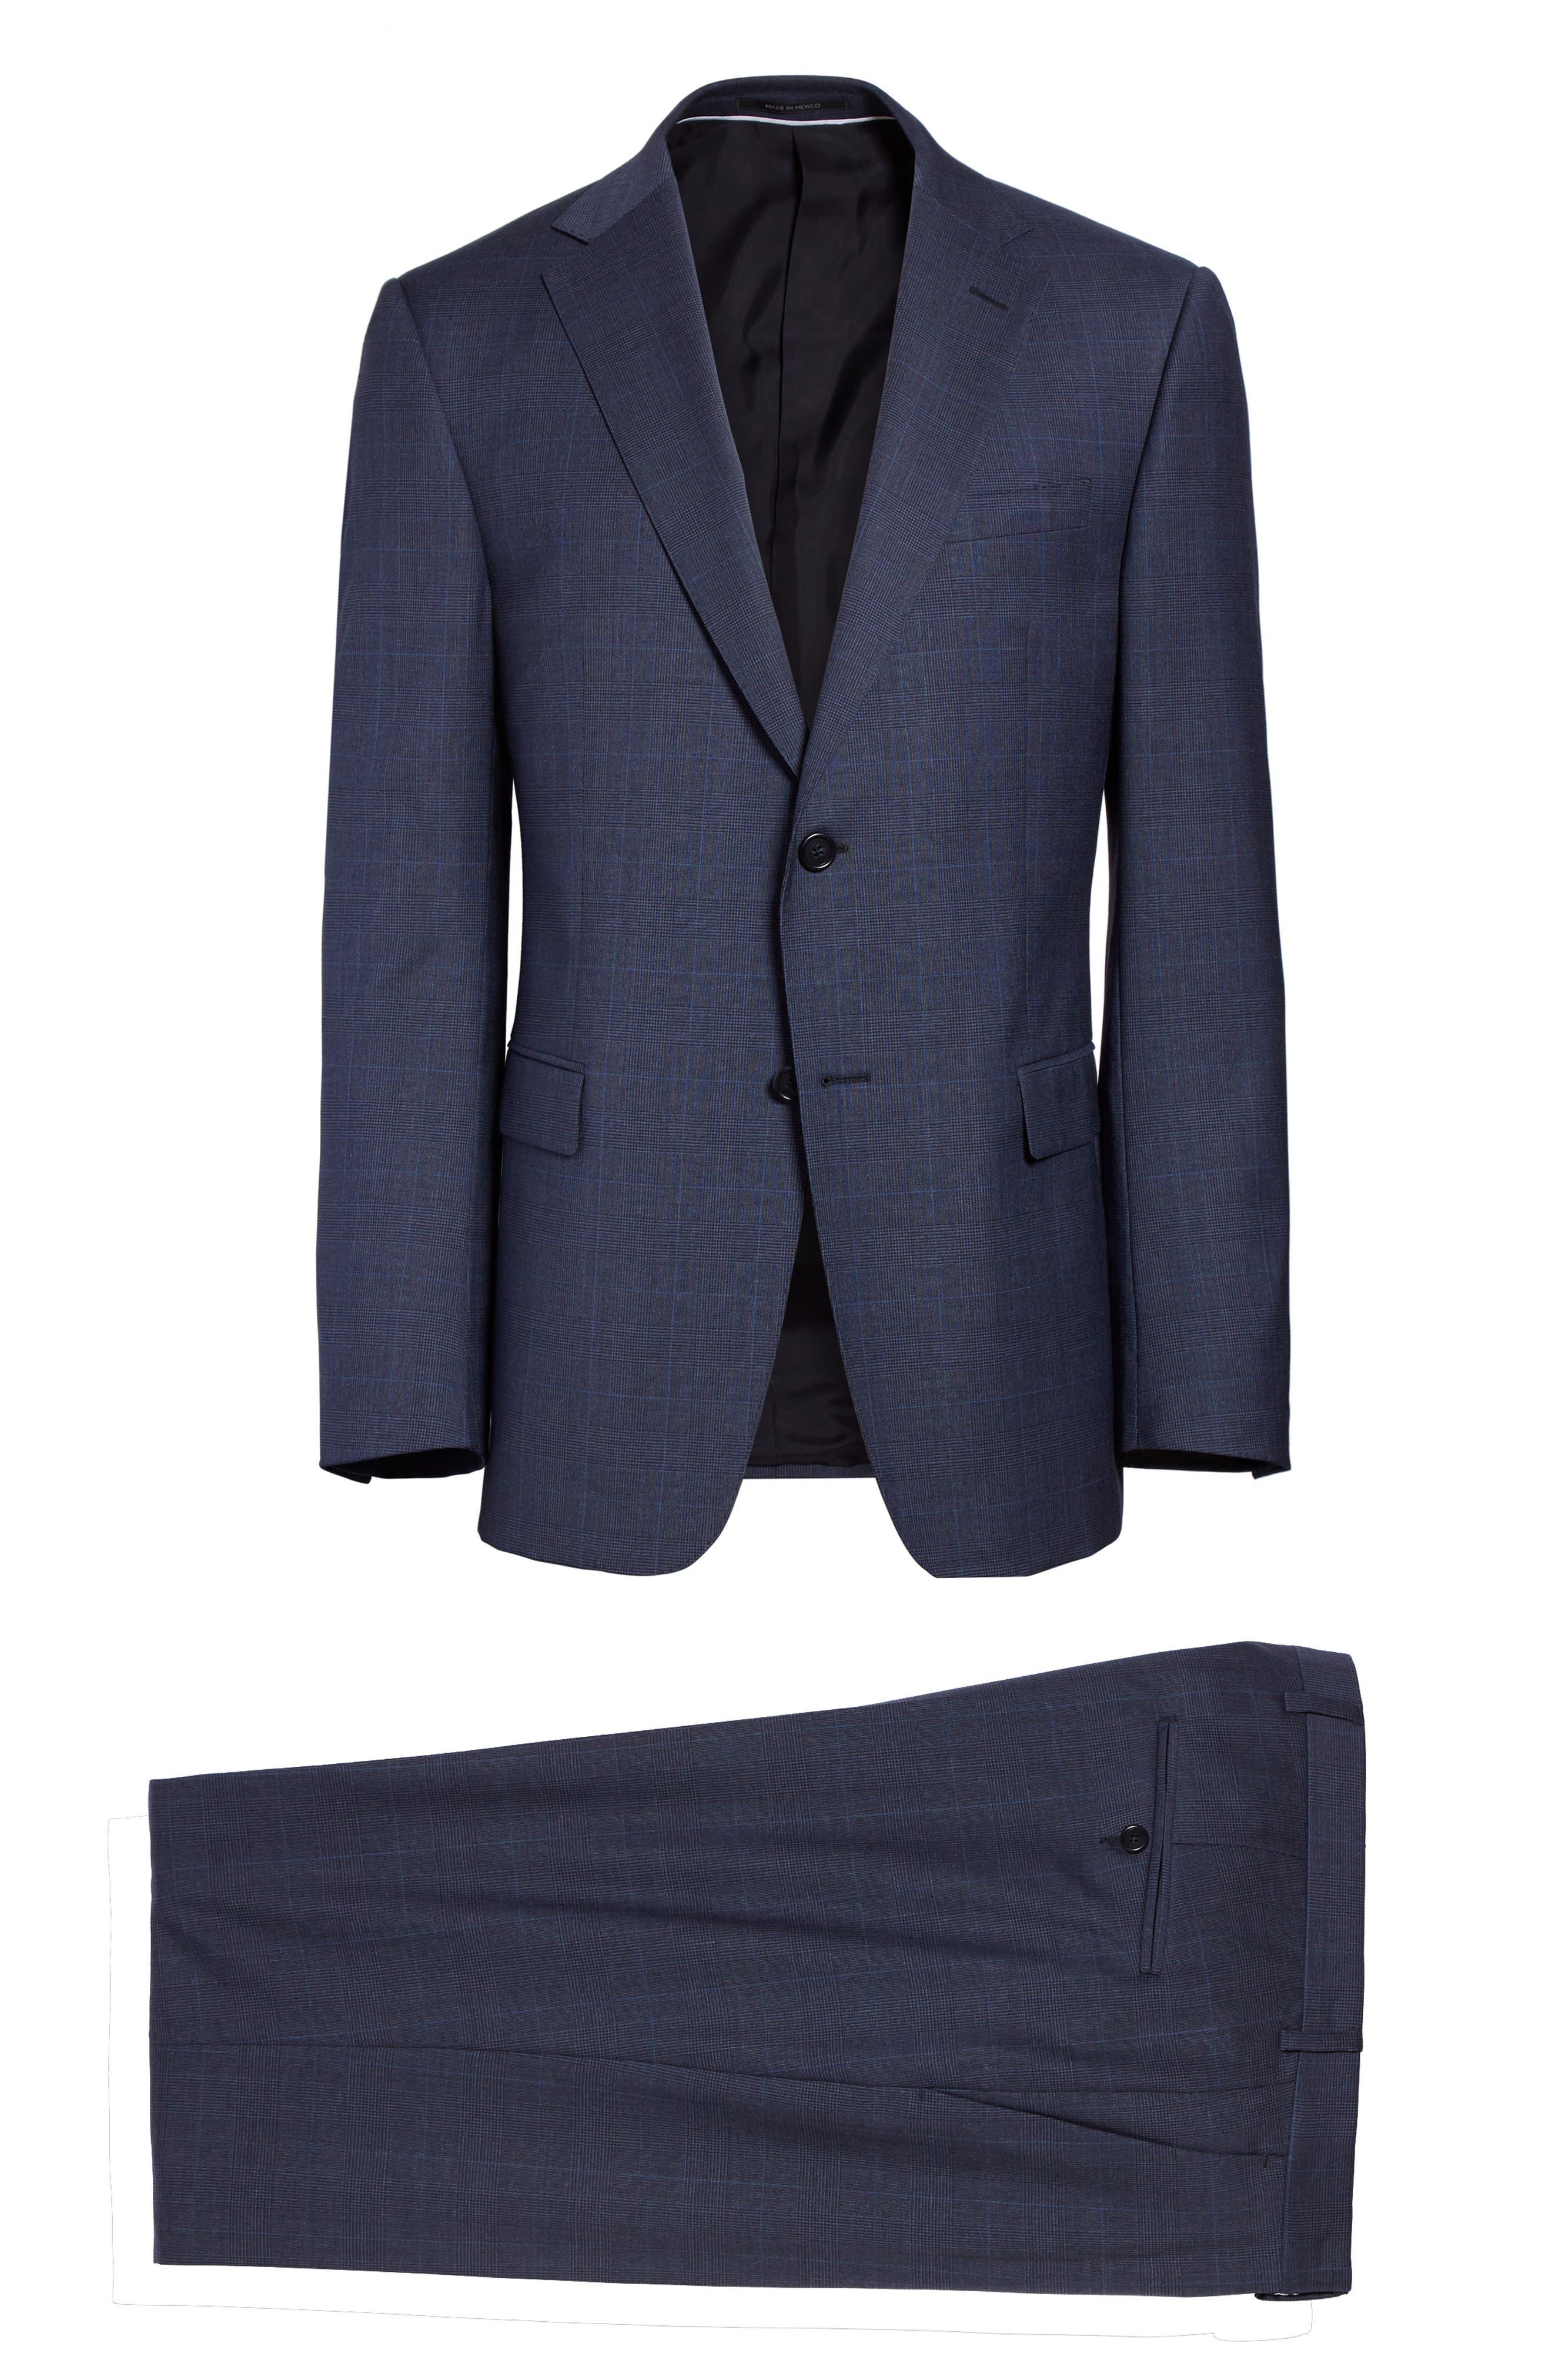 Drop 7 Trim Fit Plaid Wool Suit,                             Alternate thumbnail 8, color,                             Navy